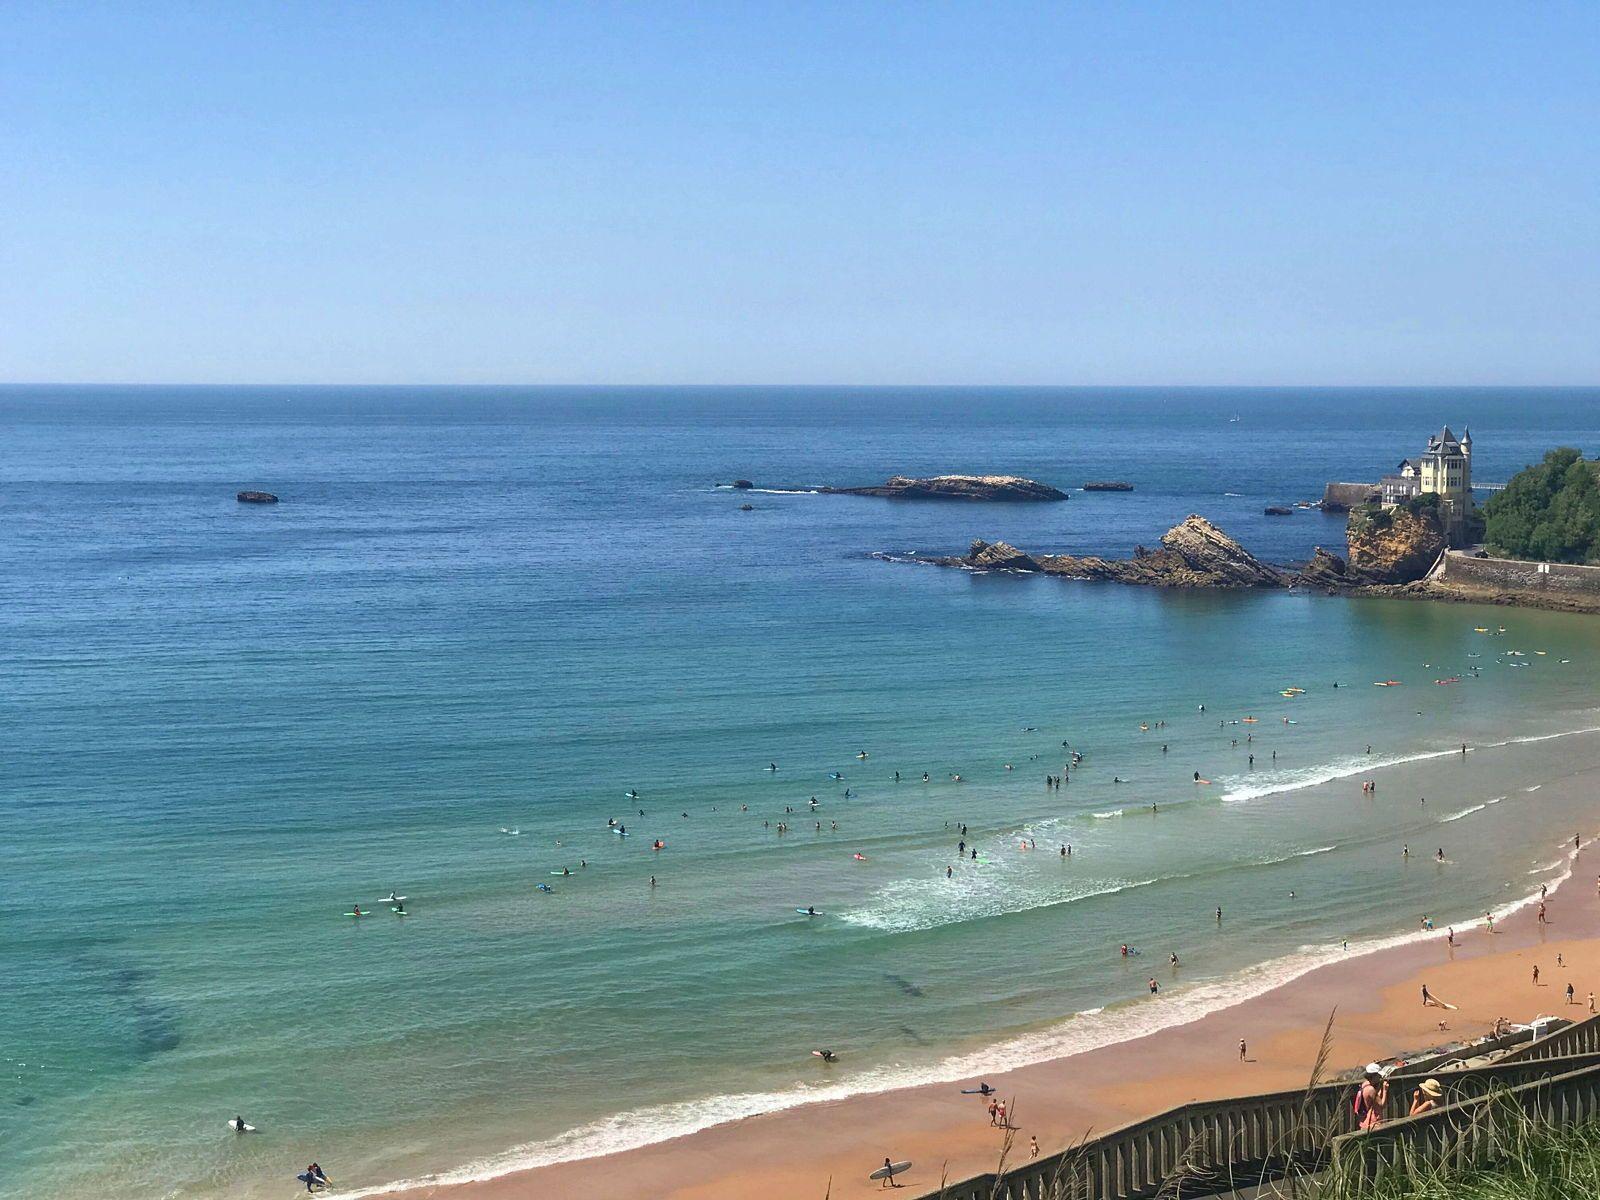 Loue maison Biarritz quartier bibi plage à pieds 6/8couchages